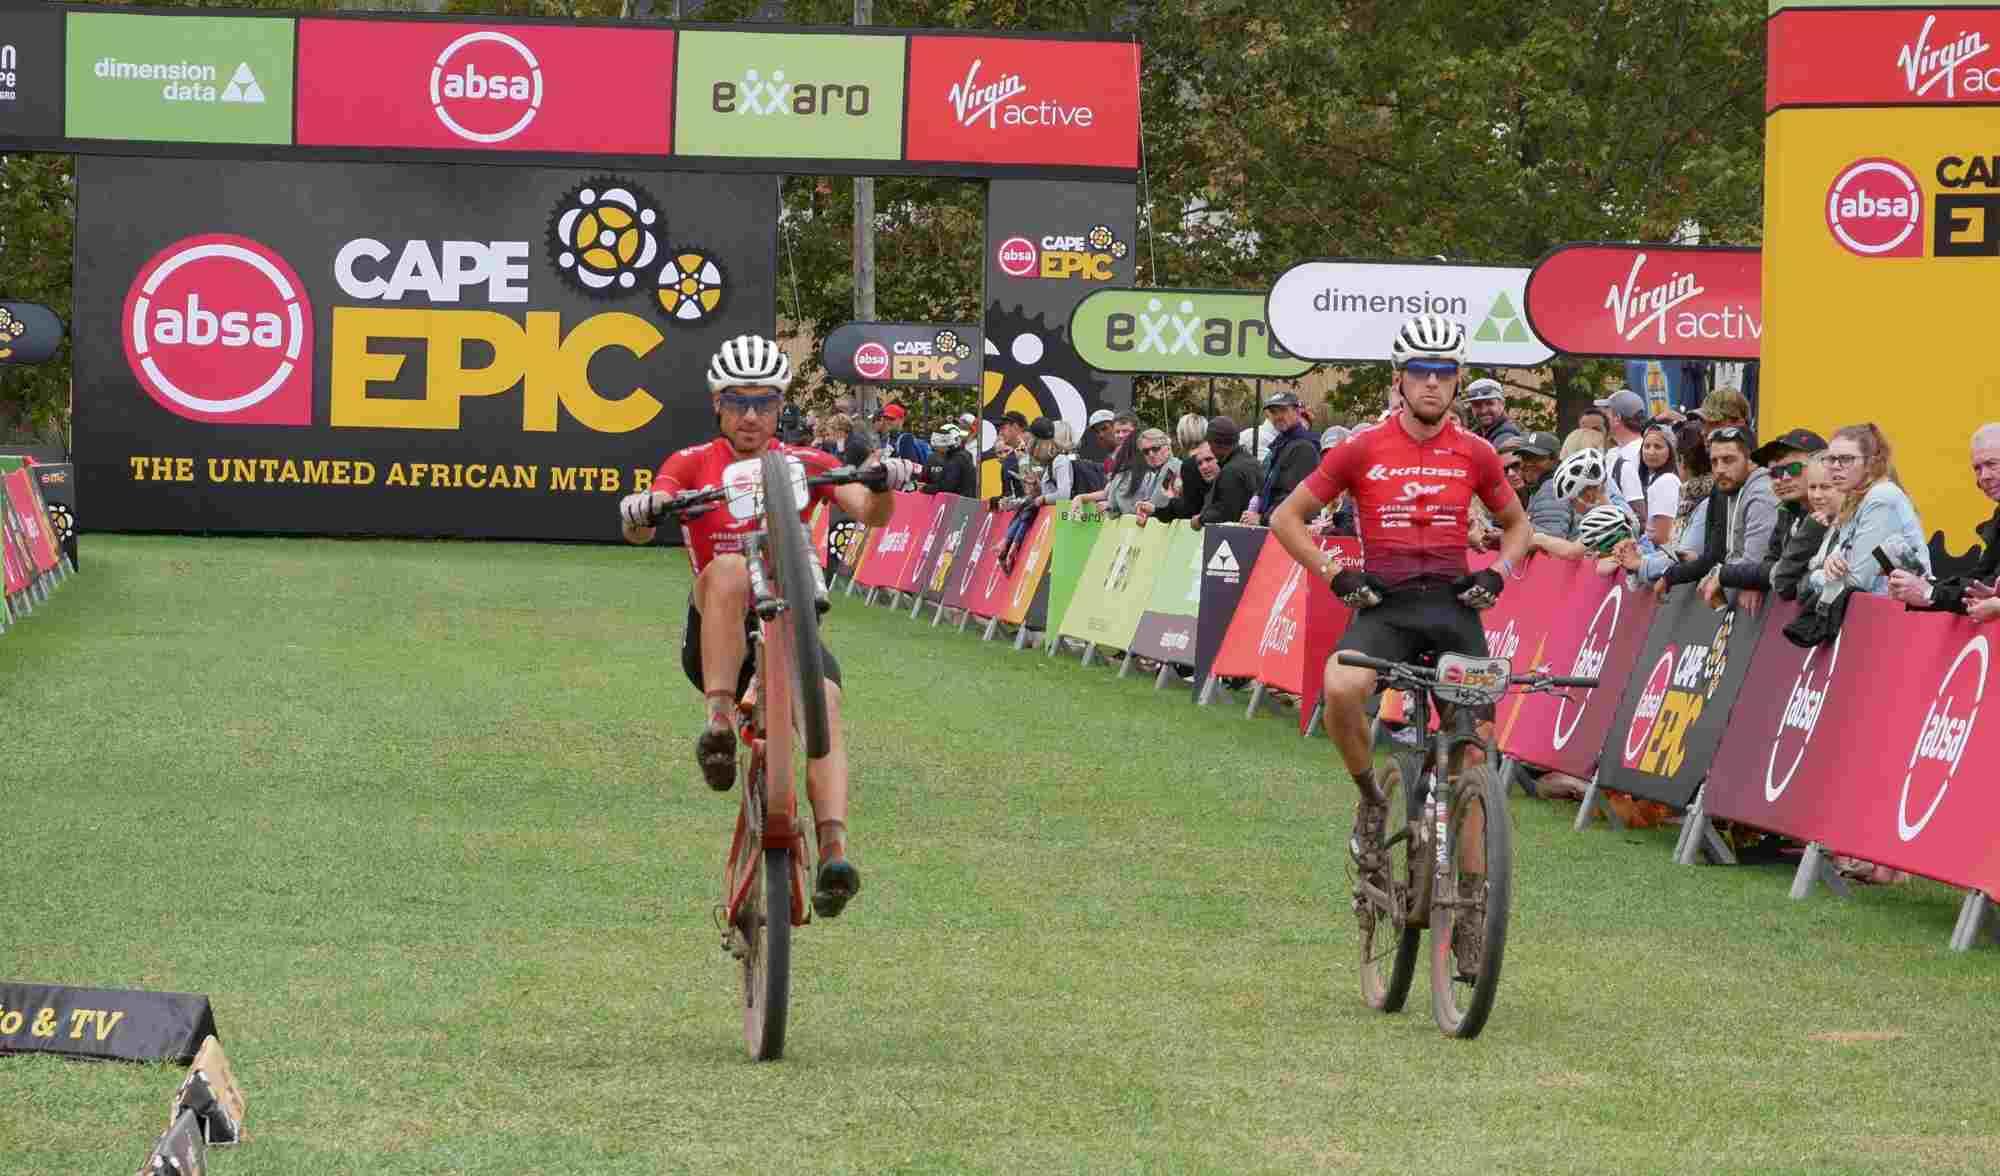 Słodko-gorzki dzień na Cape Epic dla zawodników Kross-Spur Racing